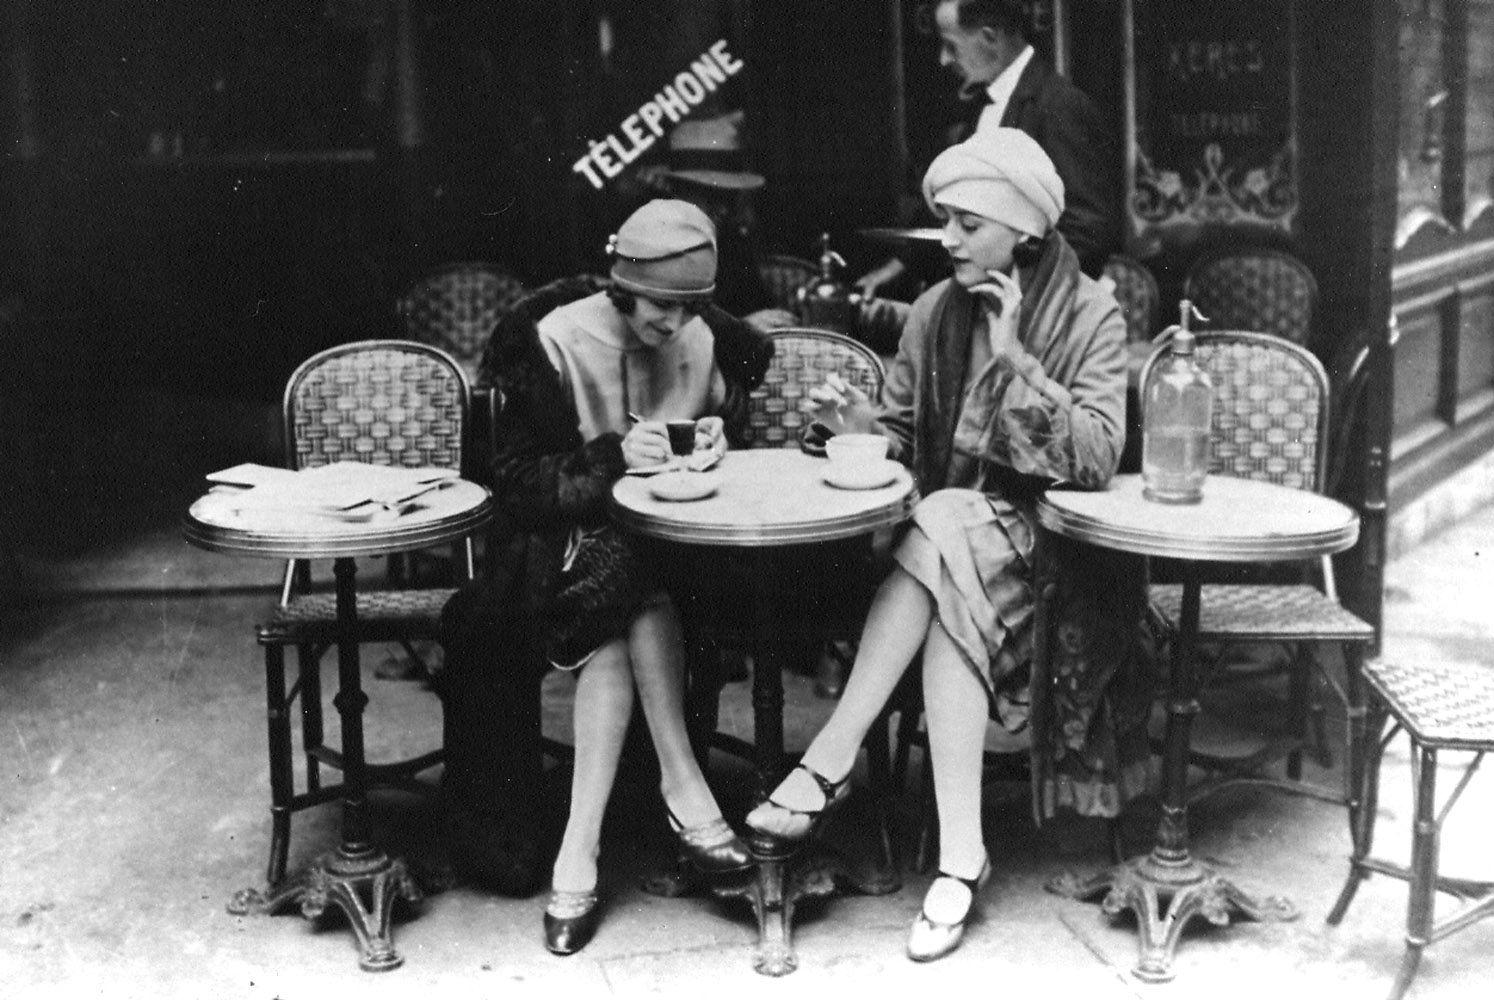 Pavement Cafés